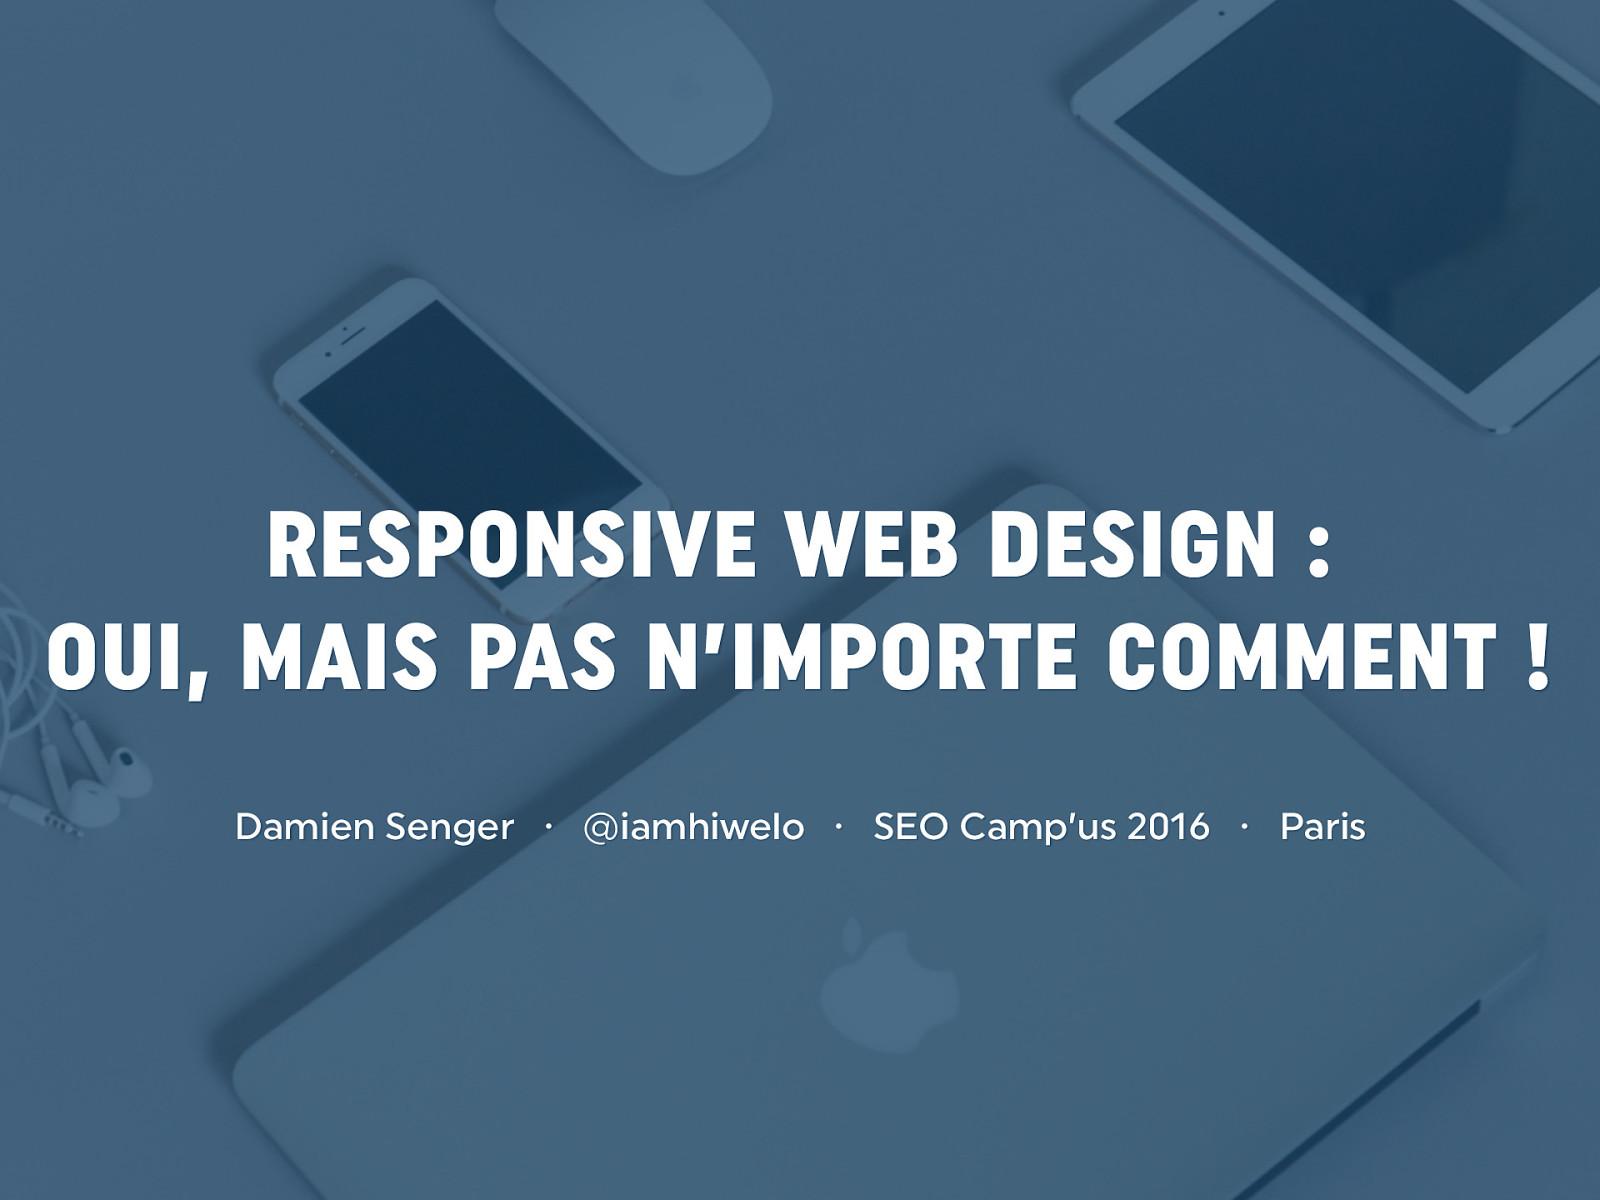 Responsive Web Design : oui mais pas n'importe comment !